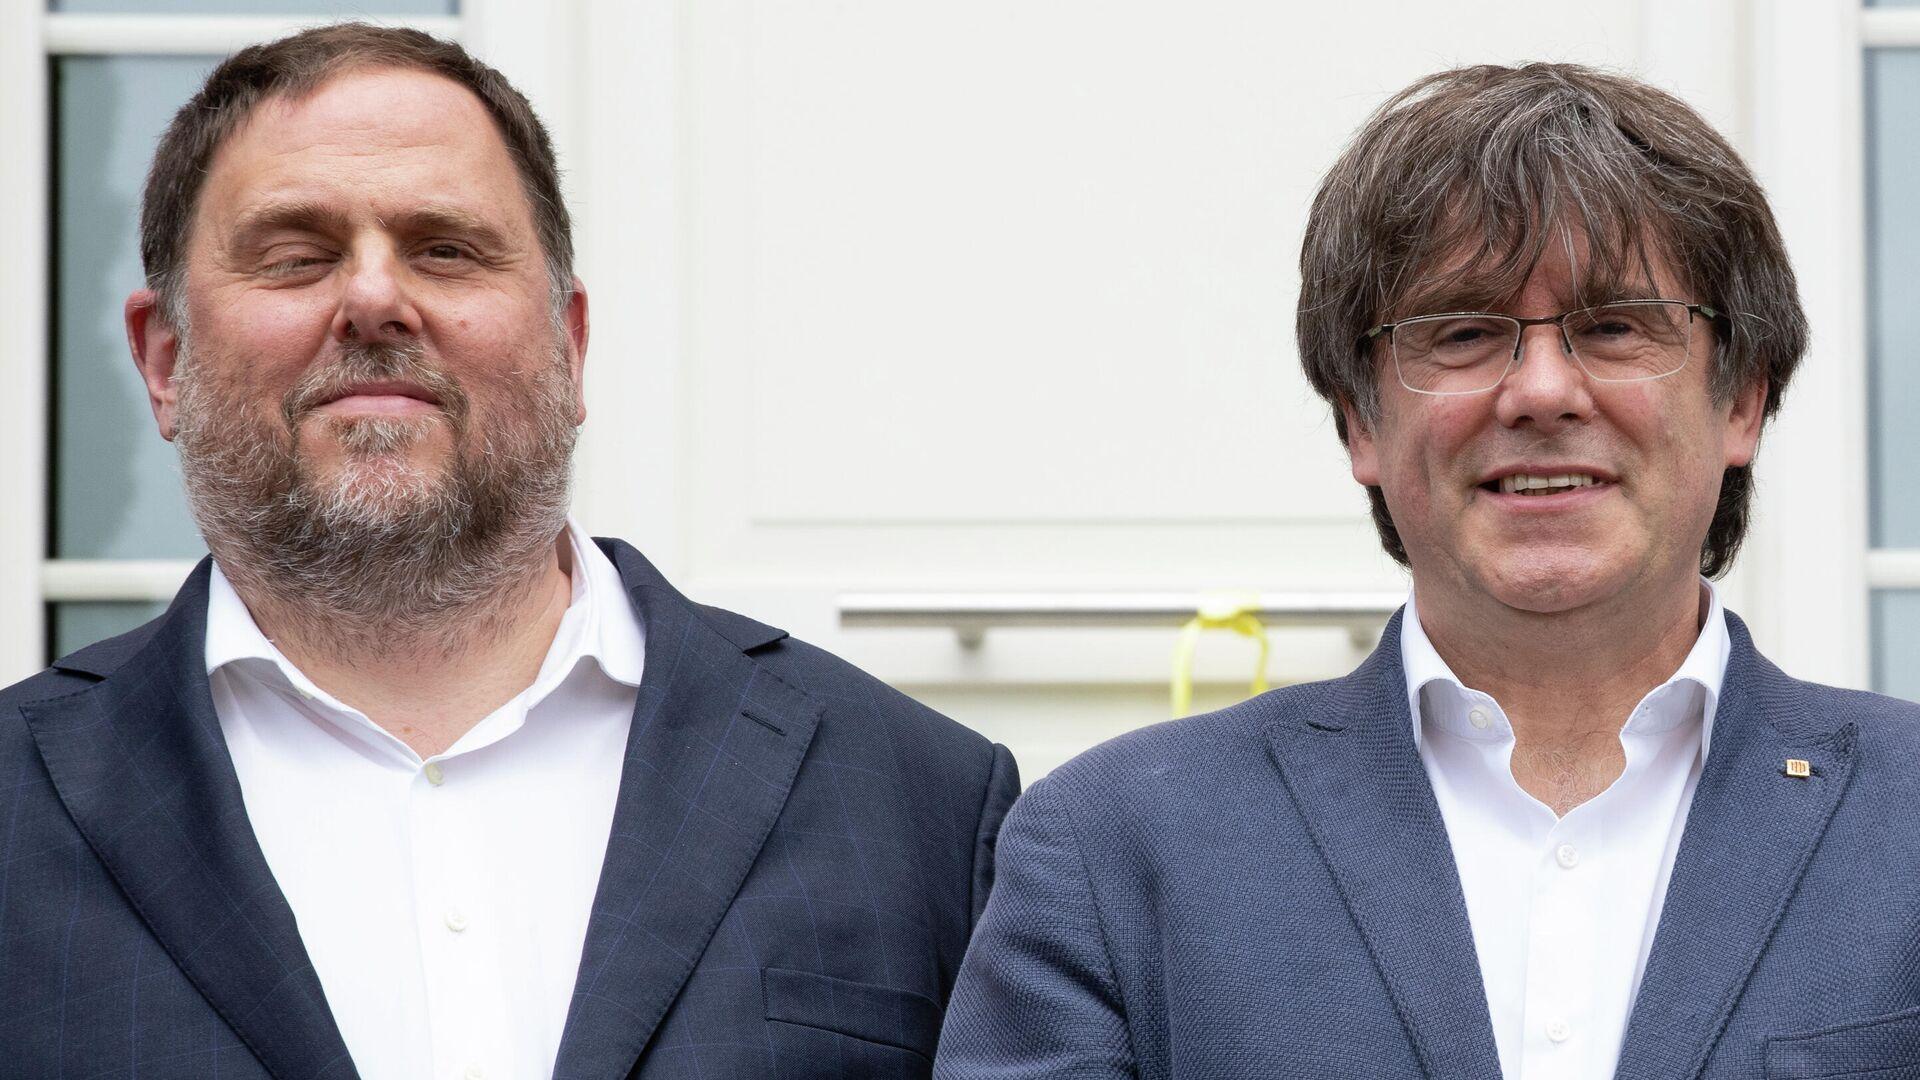 El exvicepresidente Oriol Junqueras y el expresidente catalán Carles Puigdemont - Sputnik Mundo, 1920, 07.07.2021